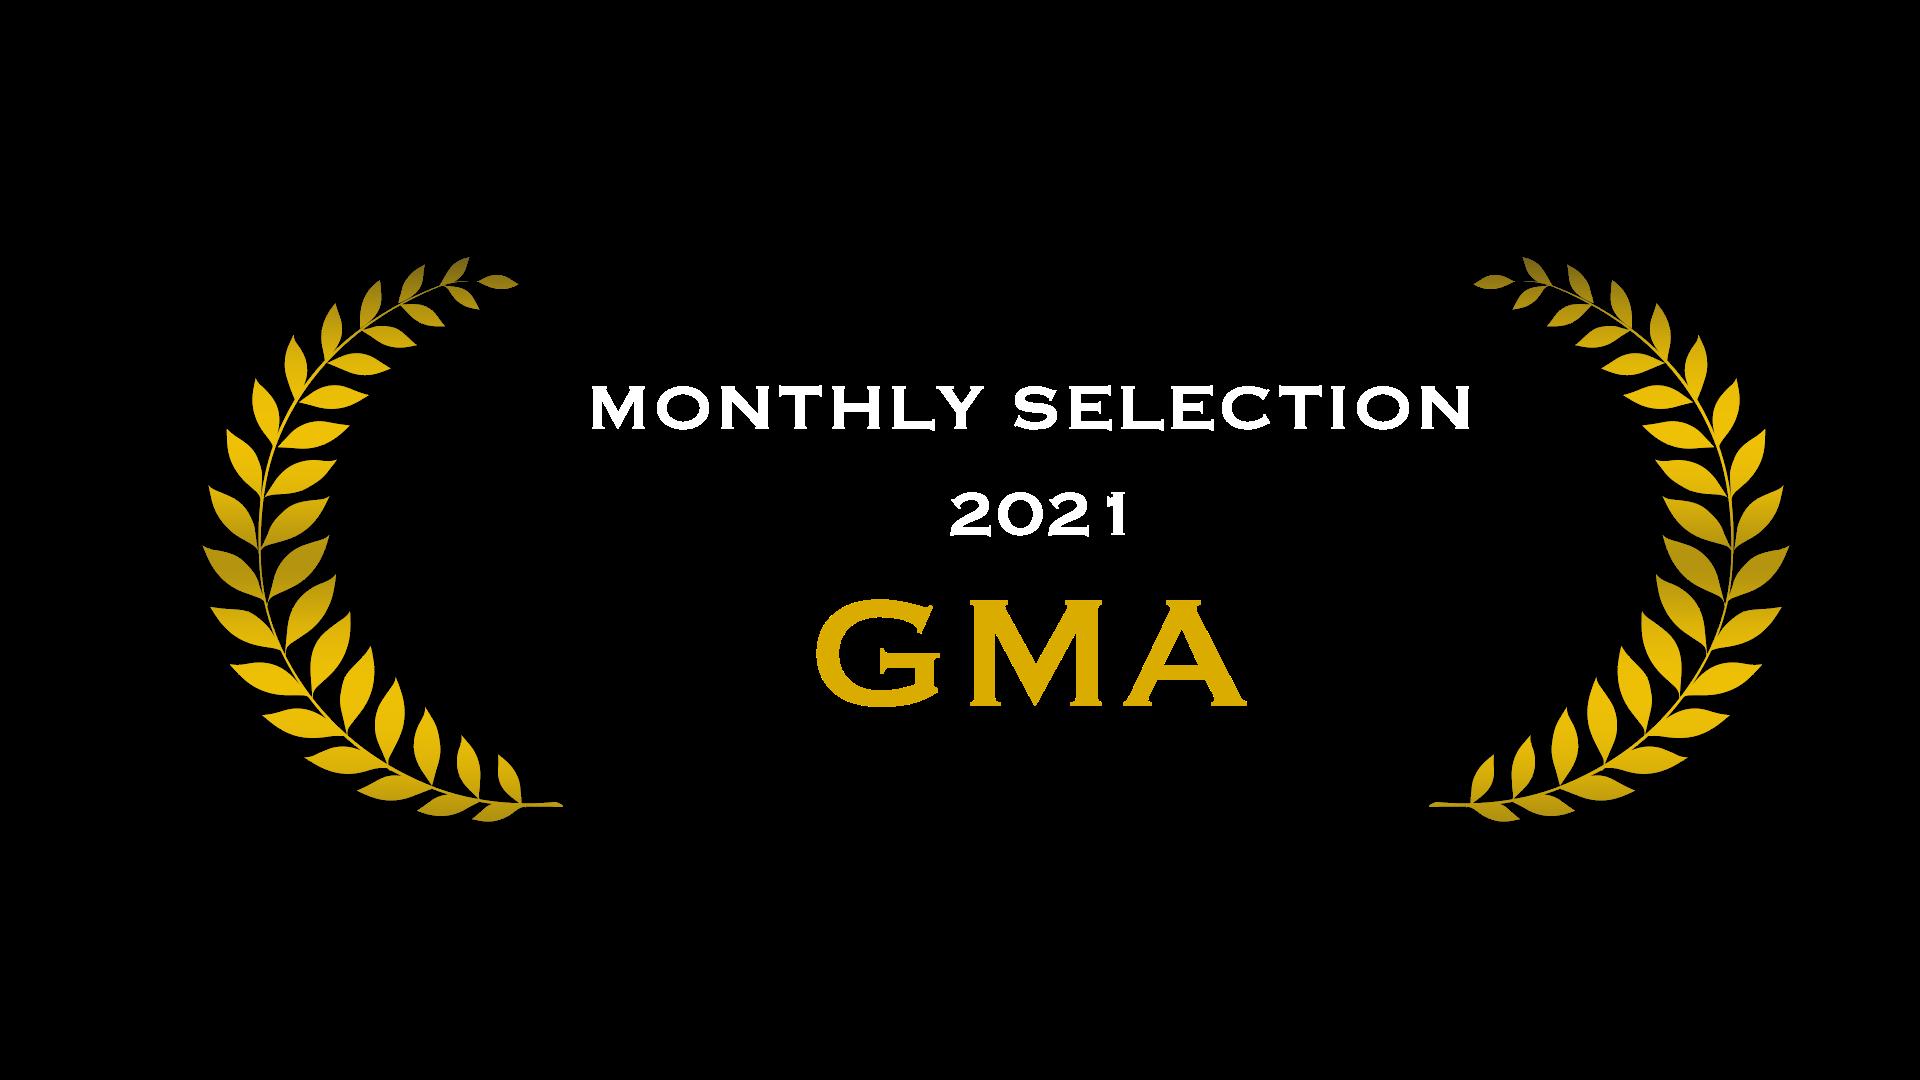 GMA Official selection 2021 Award Icon